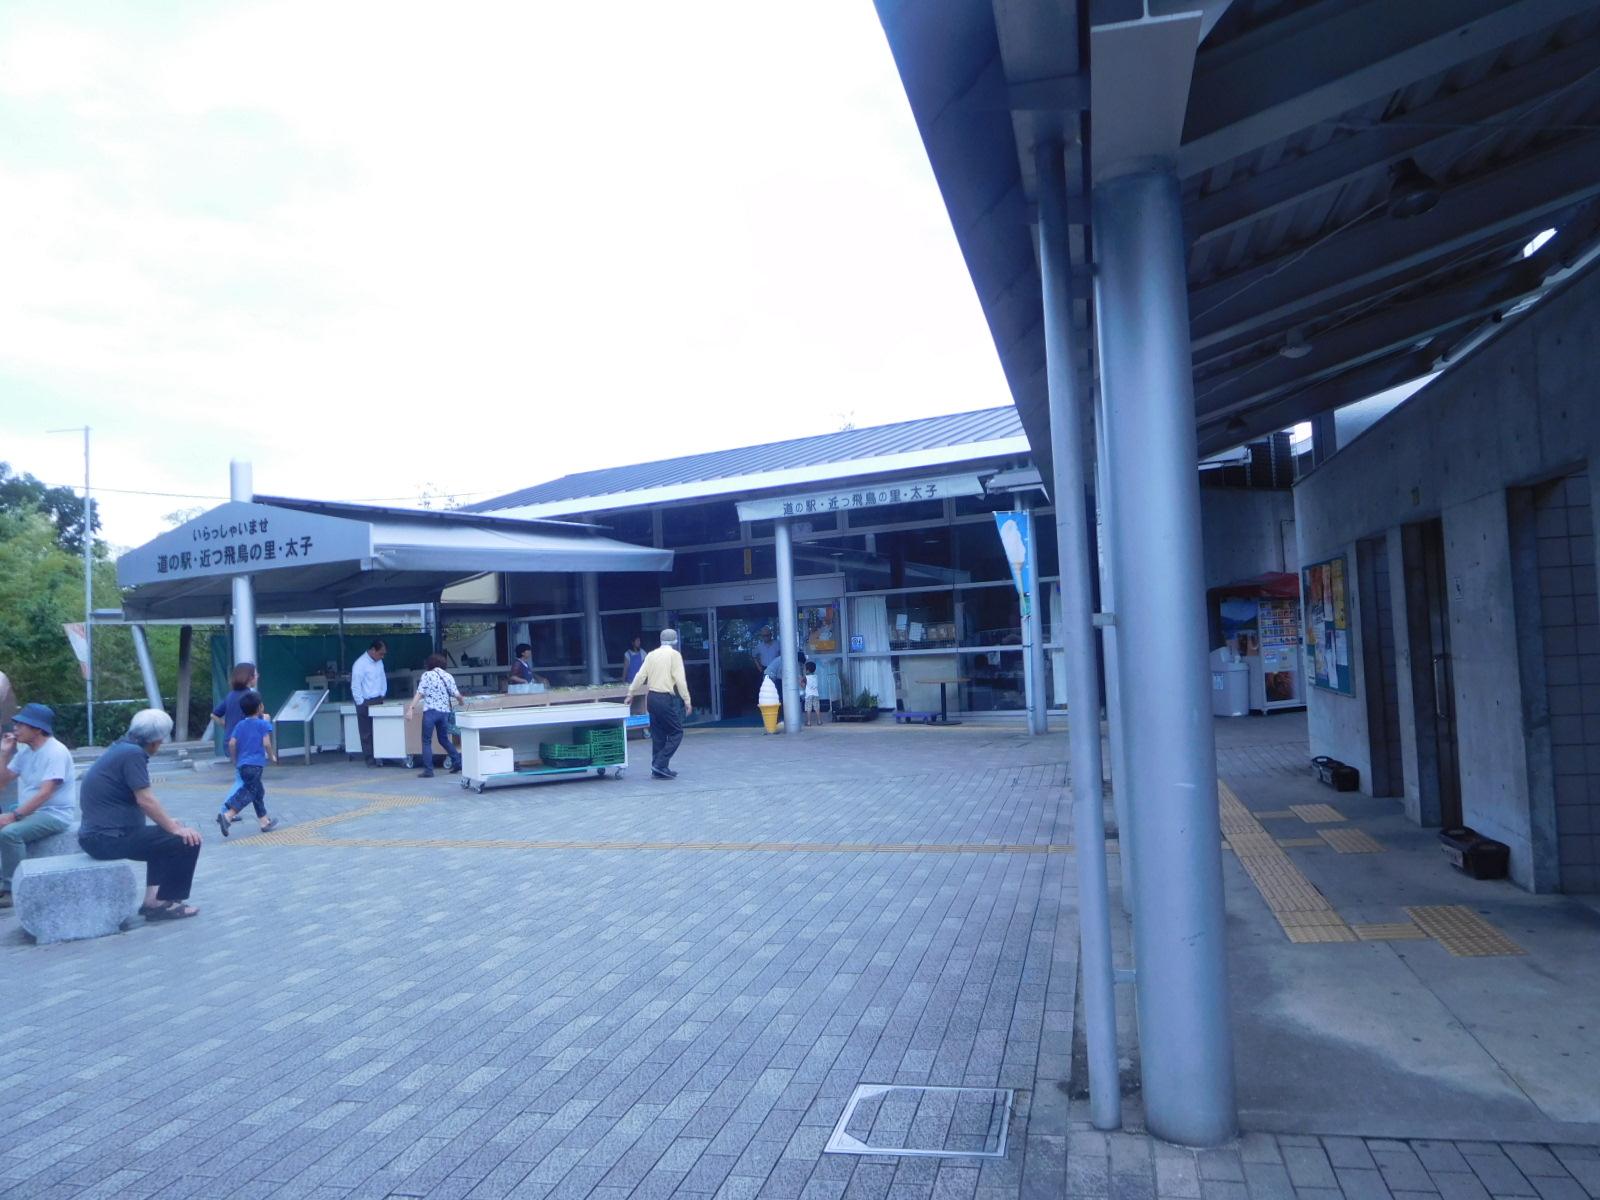 DSCN6314.jpg